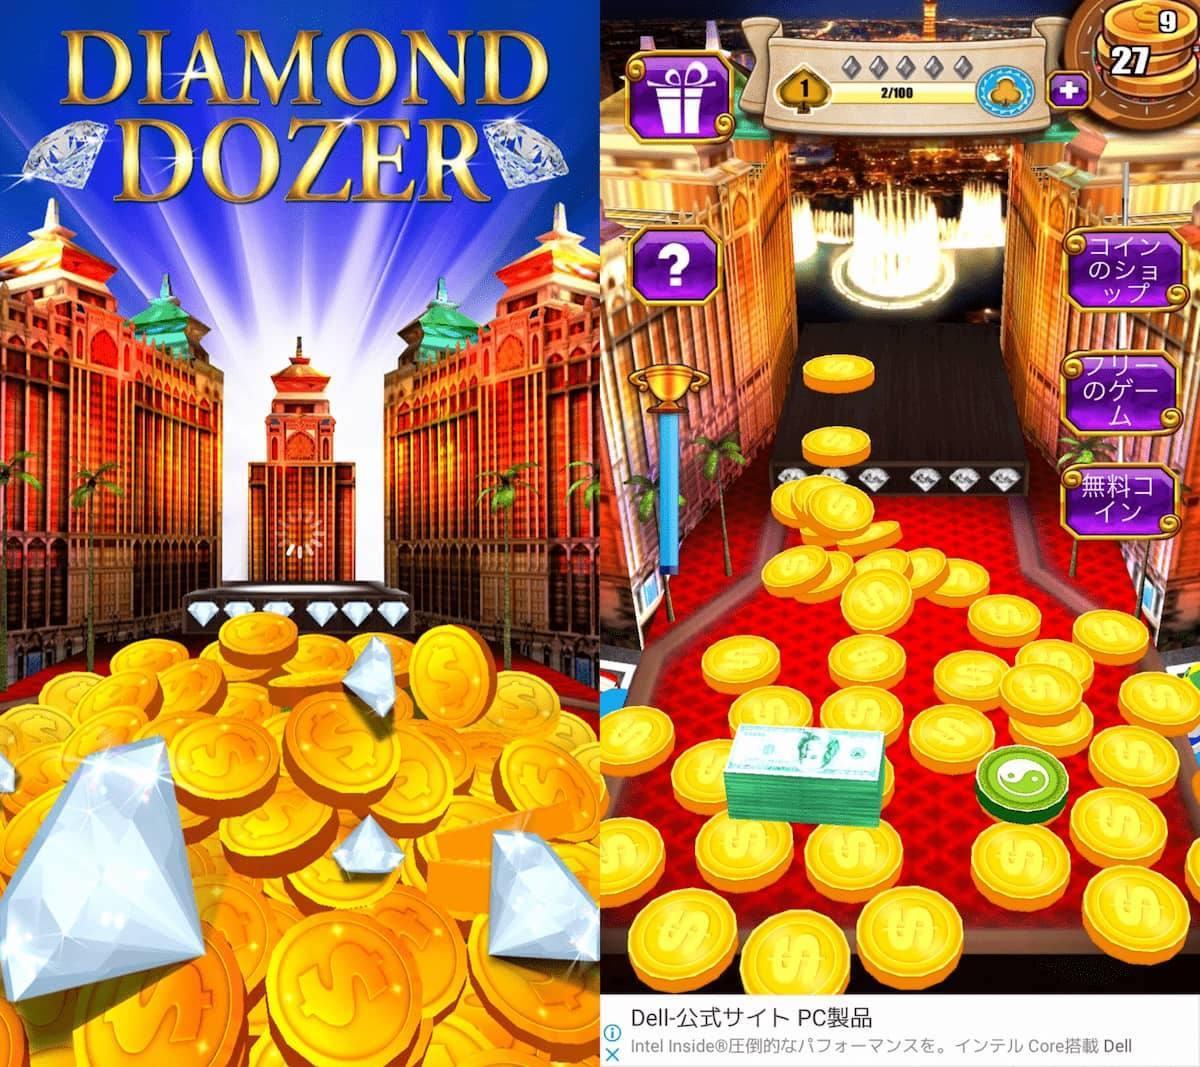 ダイヤモンドドーザーコインプッシャー トップ画面とプレイ中画面の写真